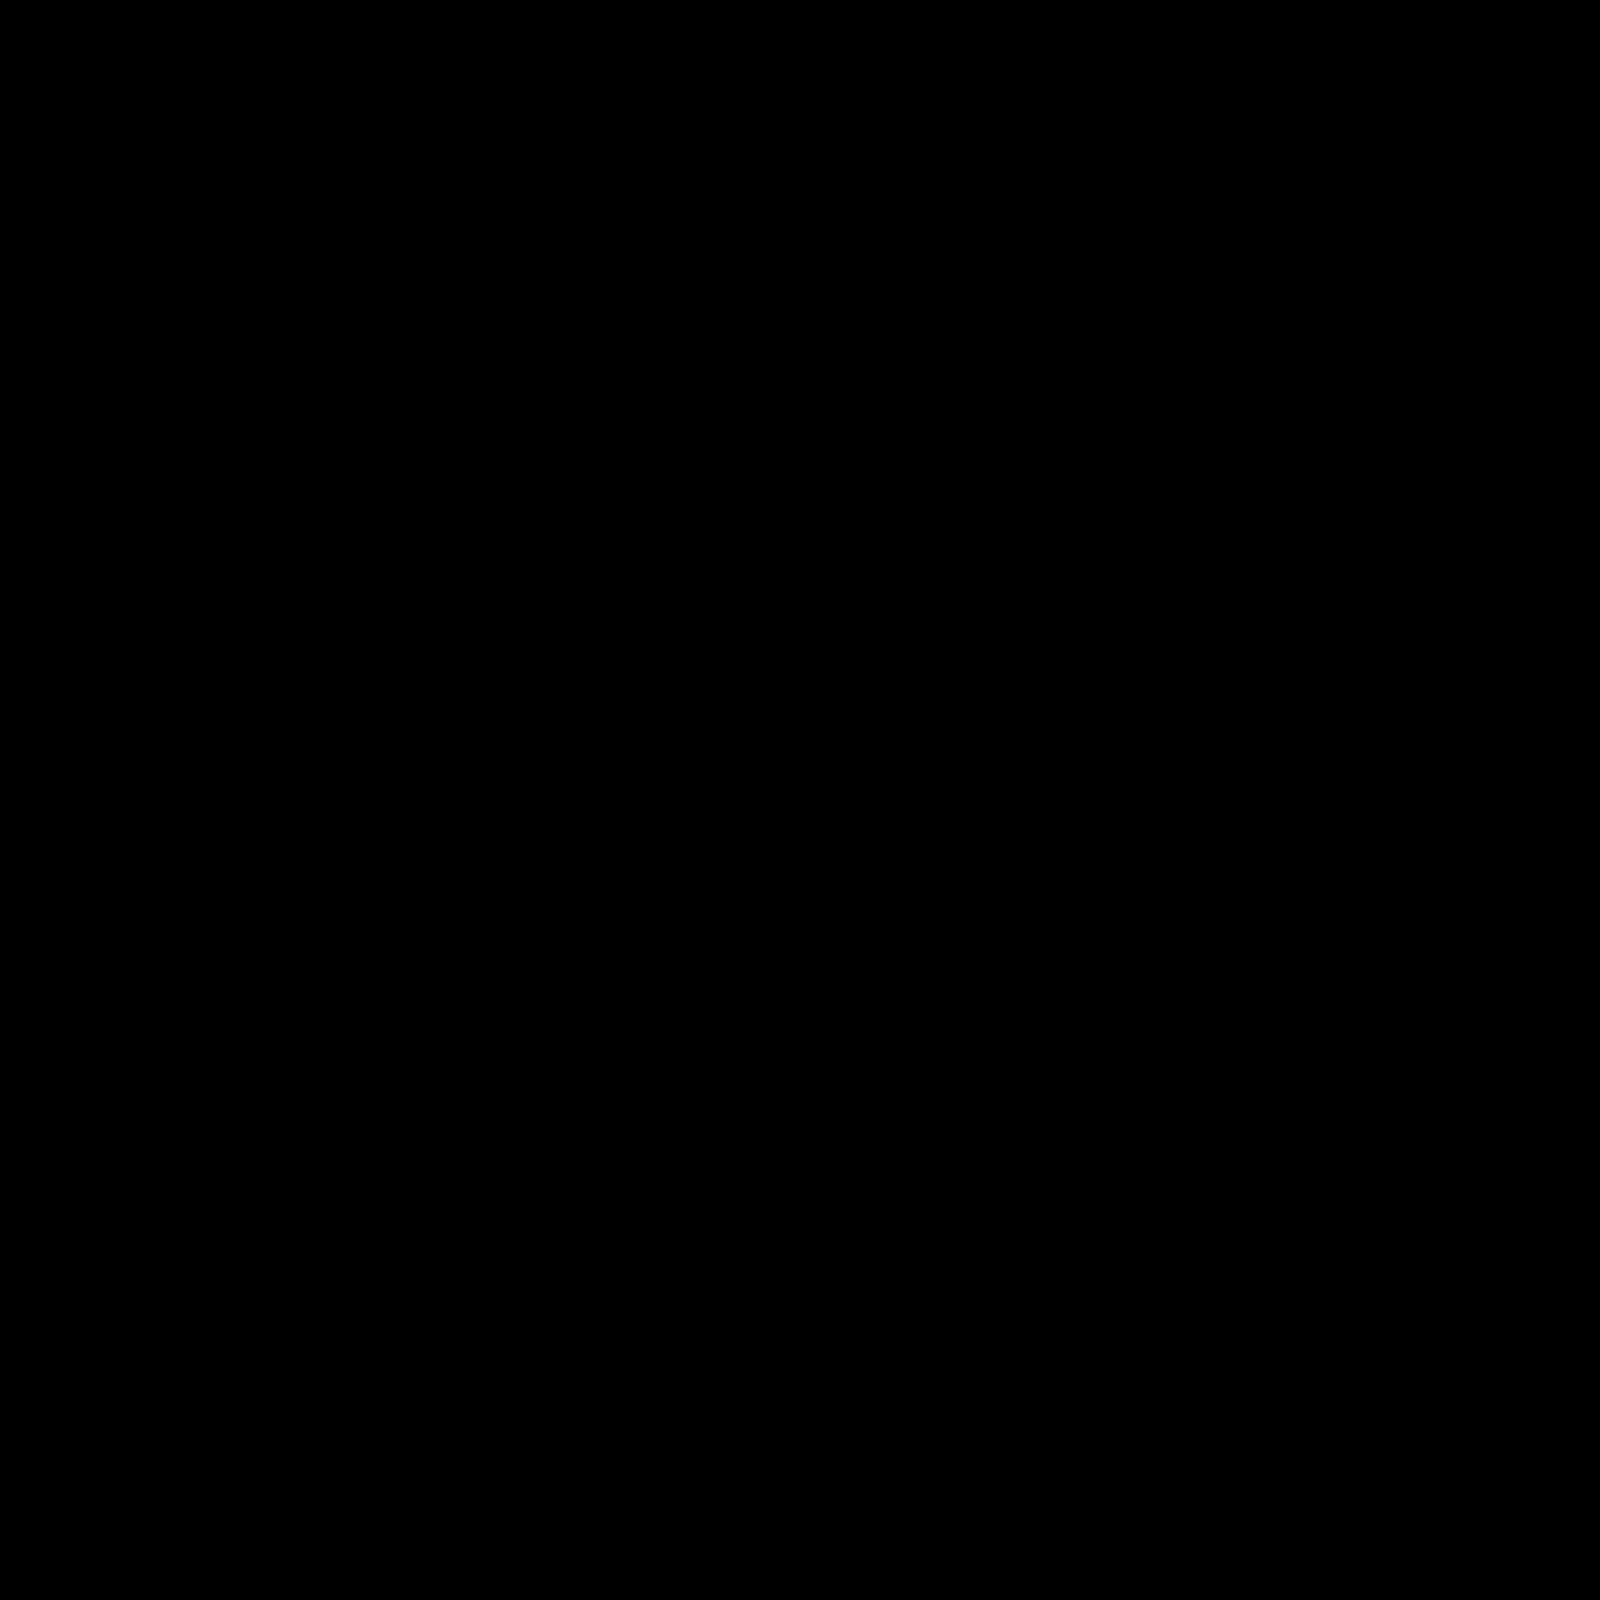 3Dセレクト icon